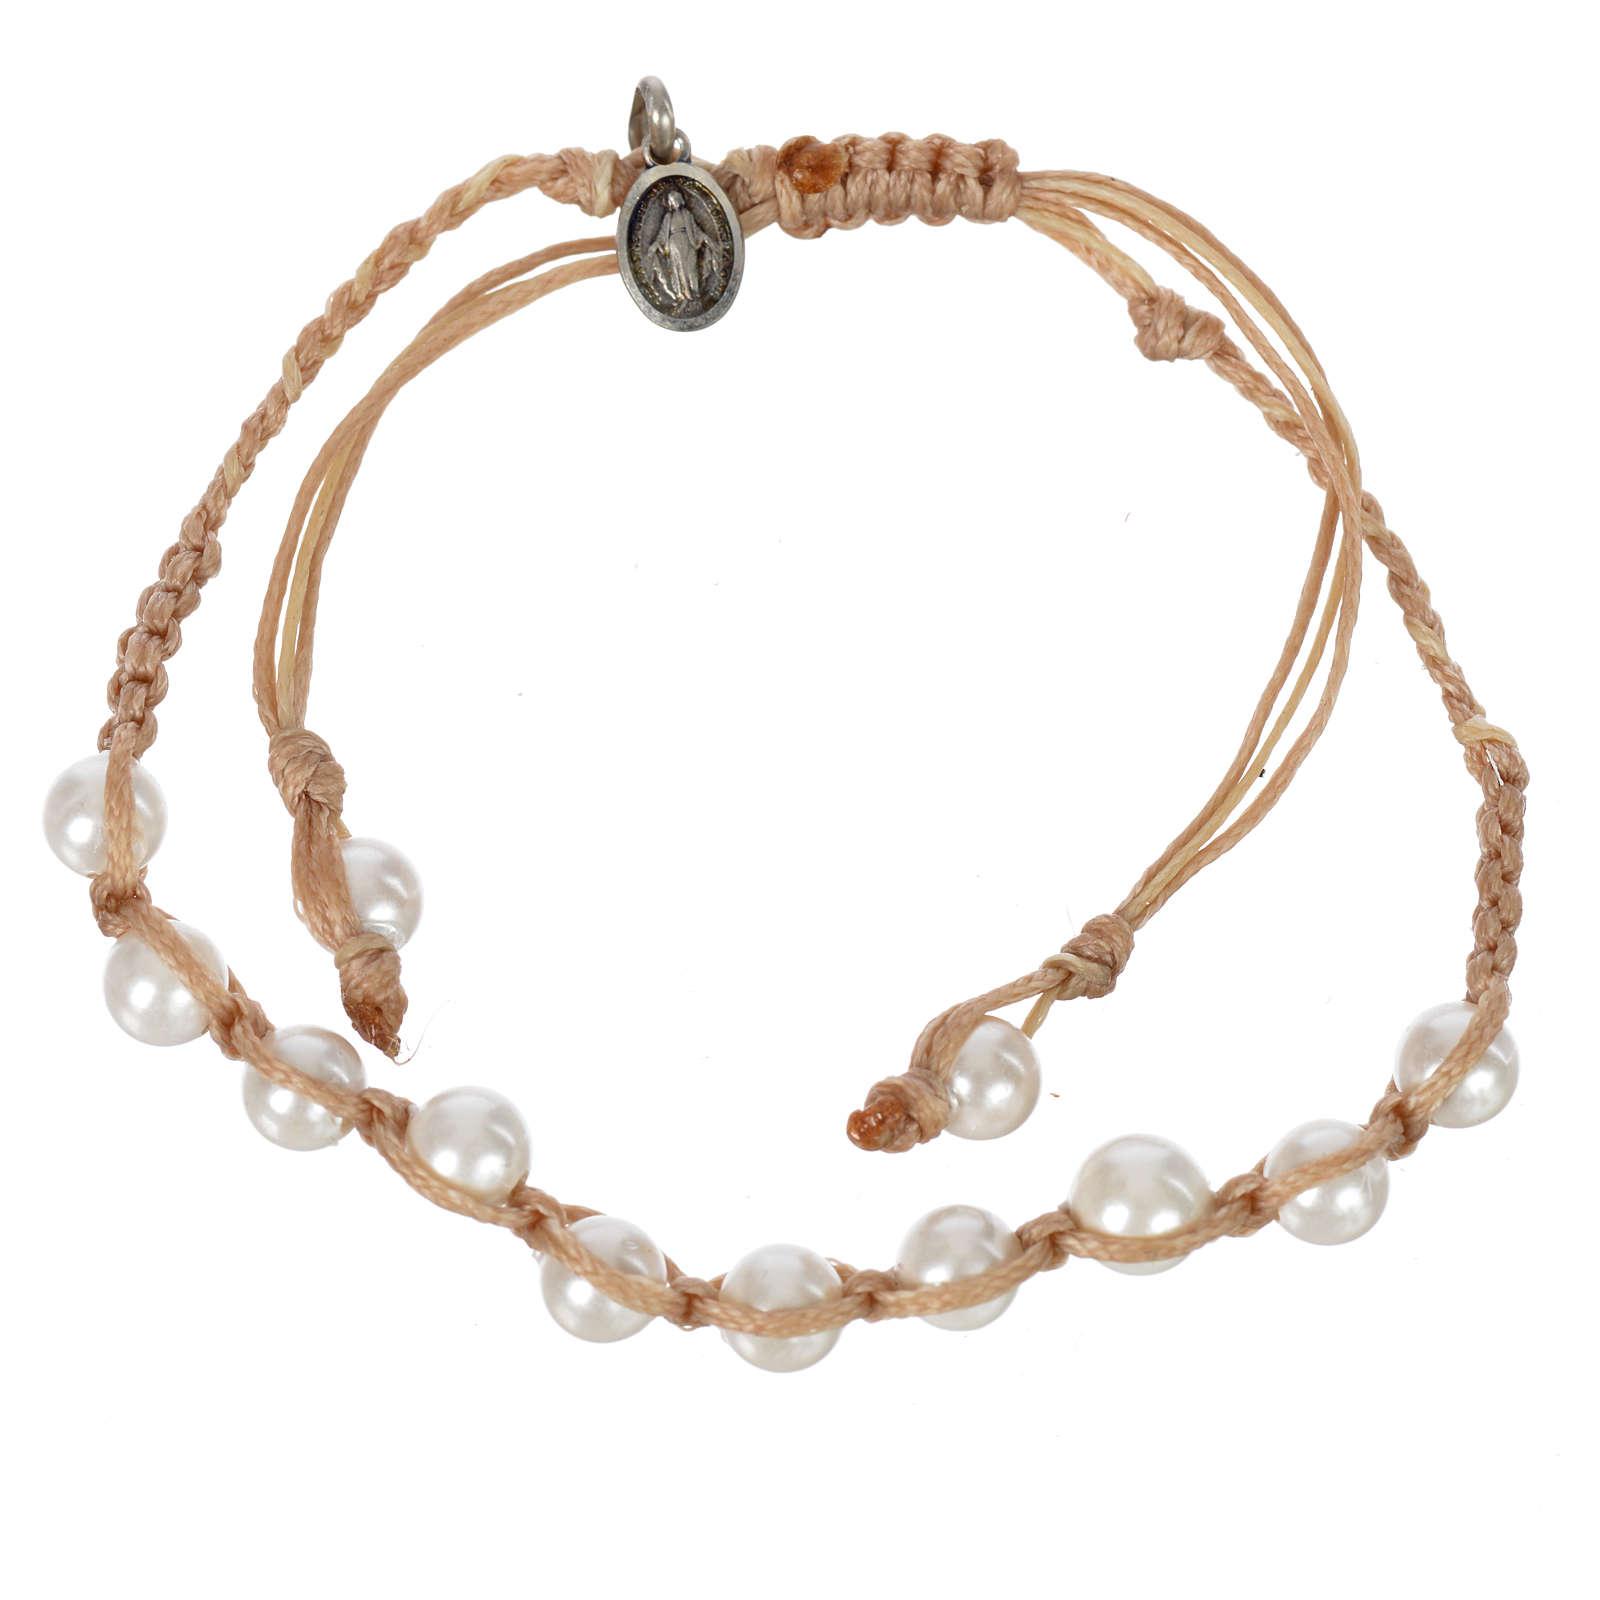 Bracelet Perle Blanche Méd. Miraculeuse Arg 925 cordon sable 4